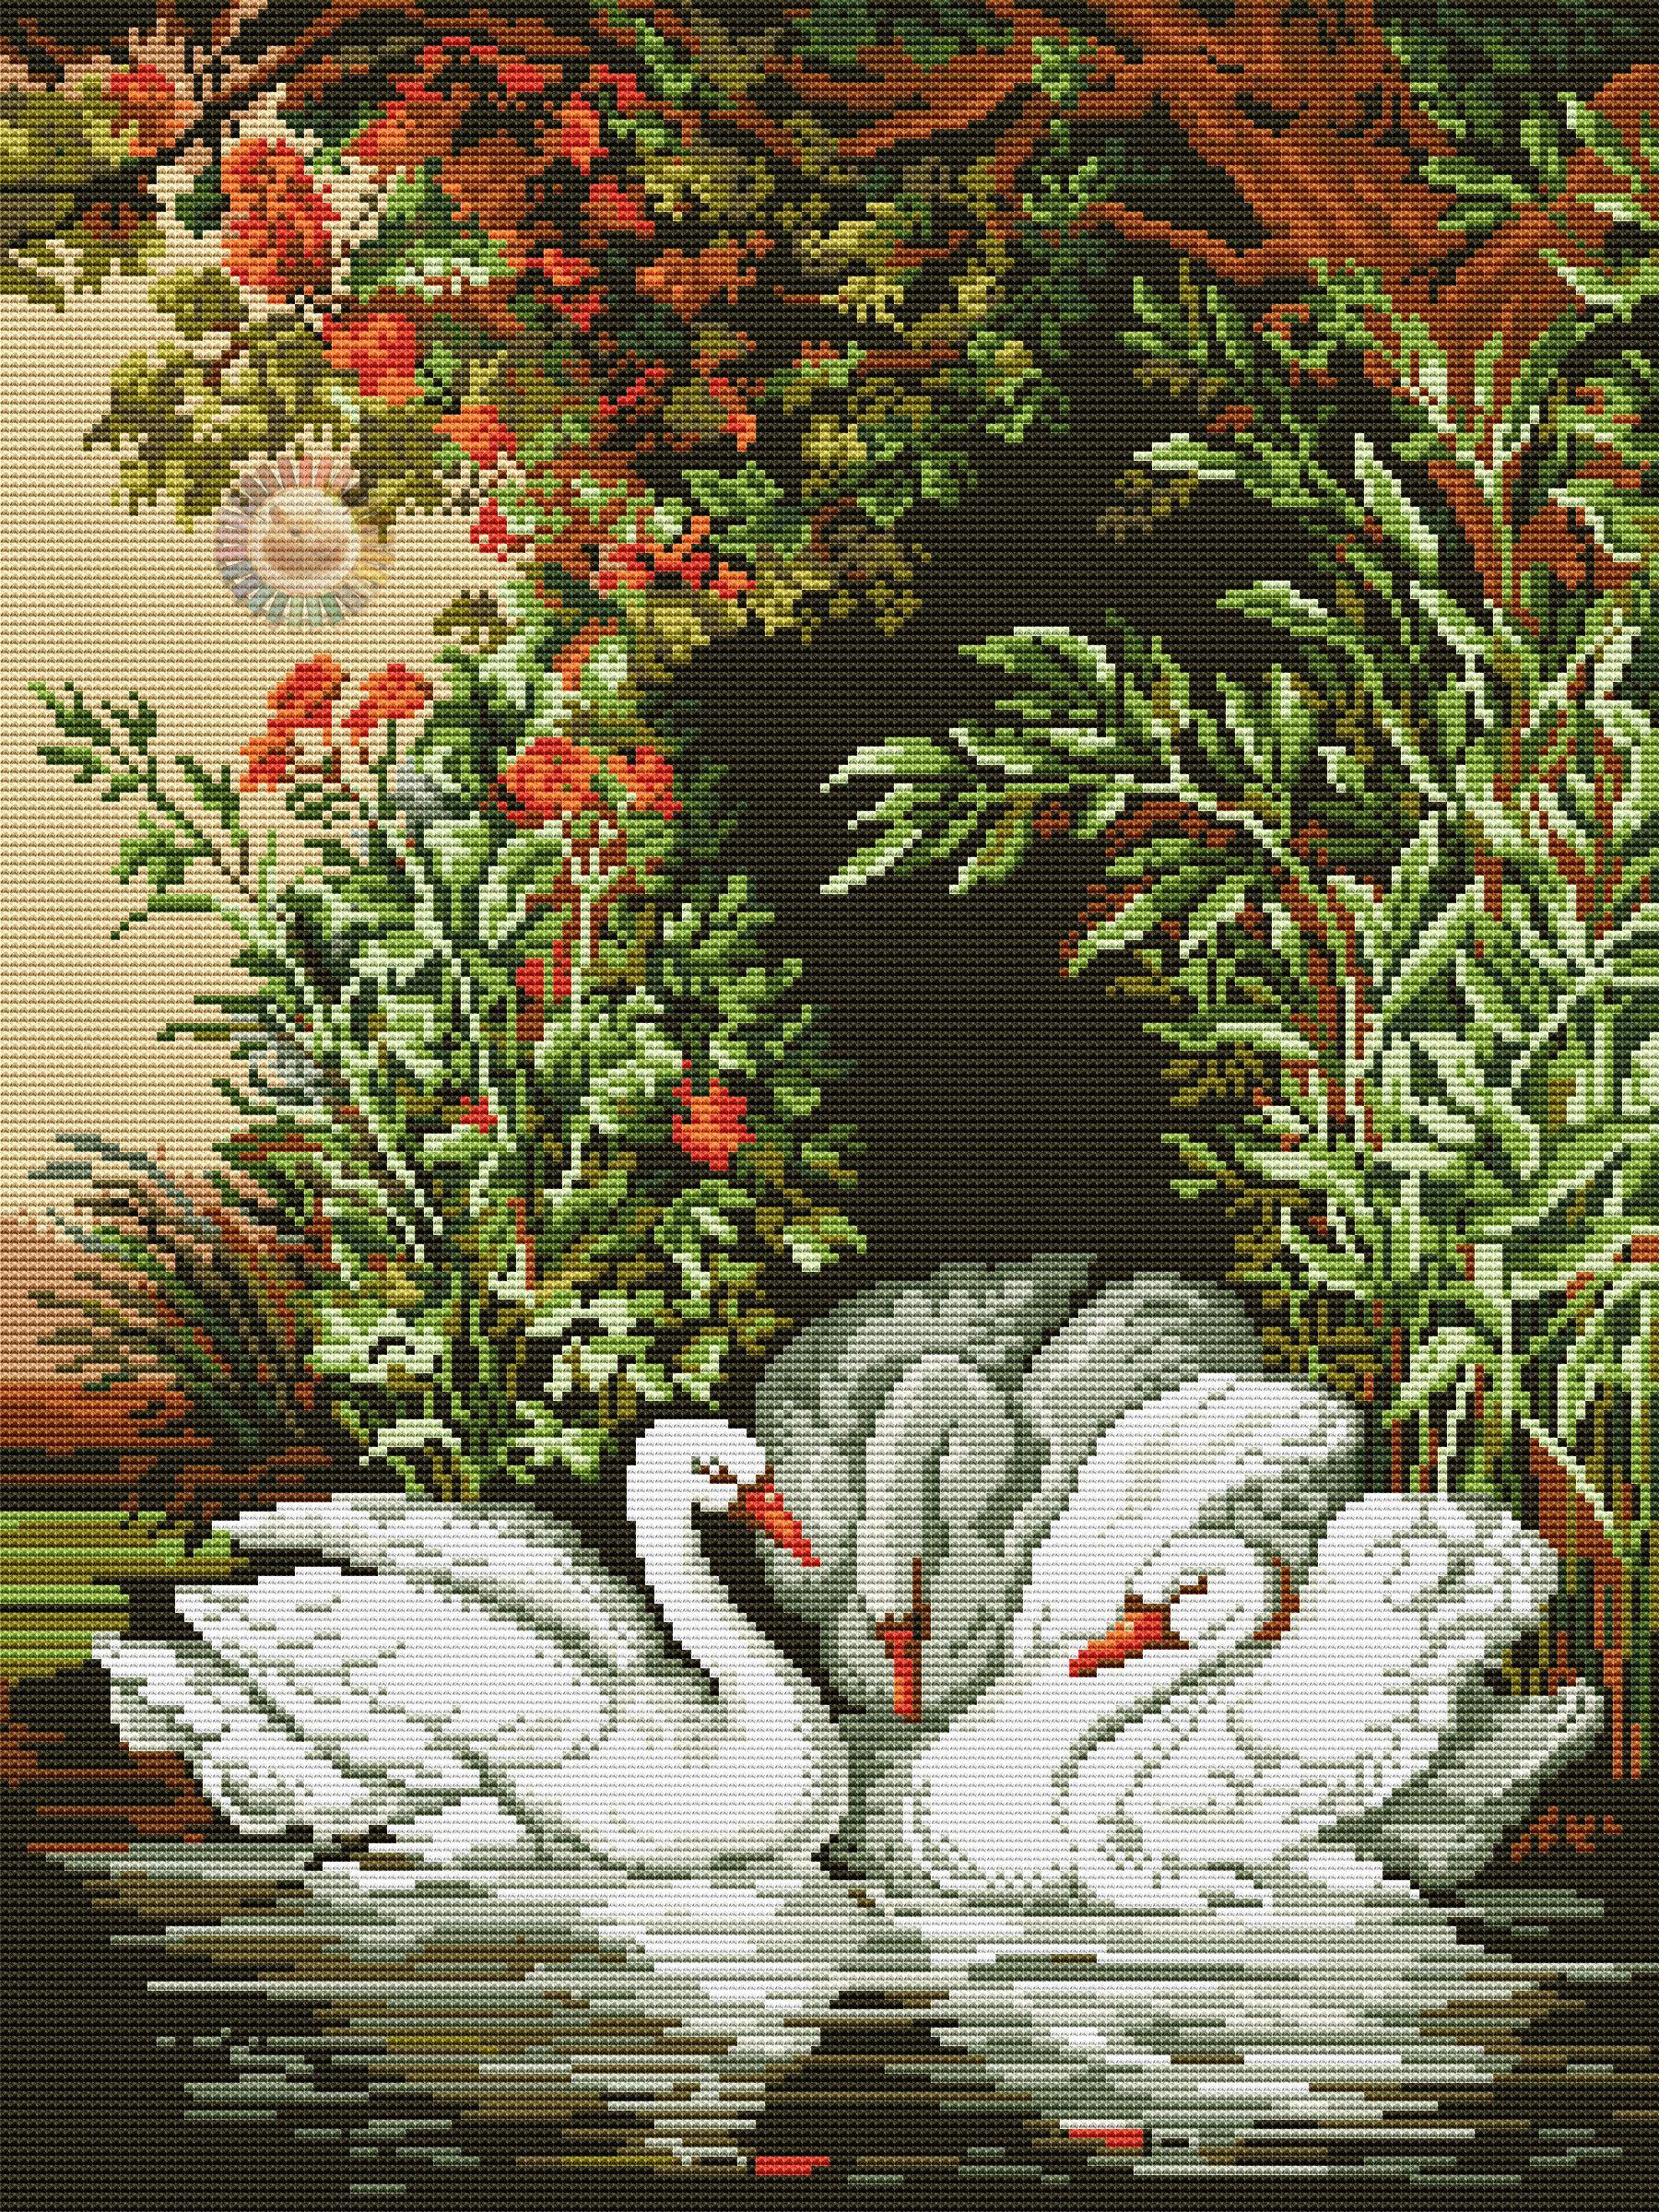 вышивание крестиком картинки лебеди того, руководство